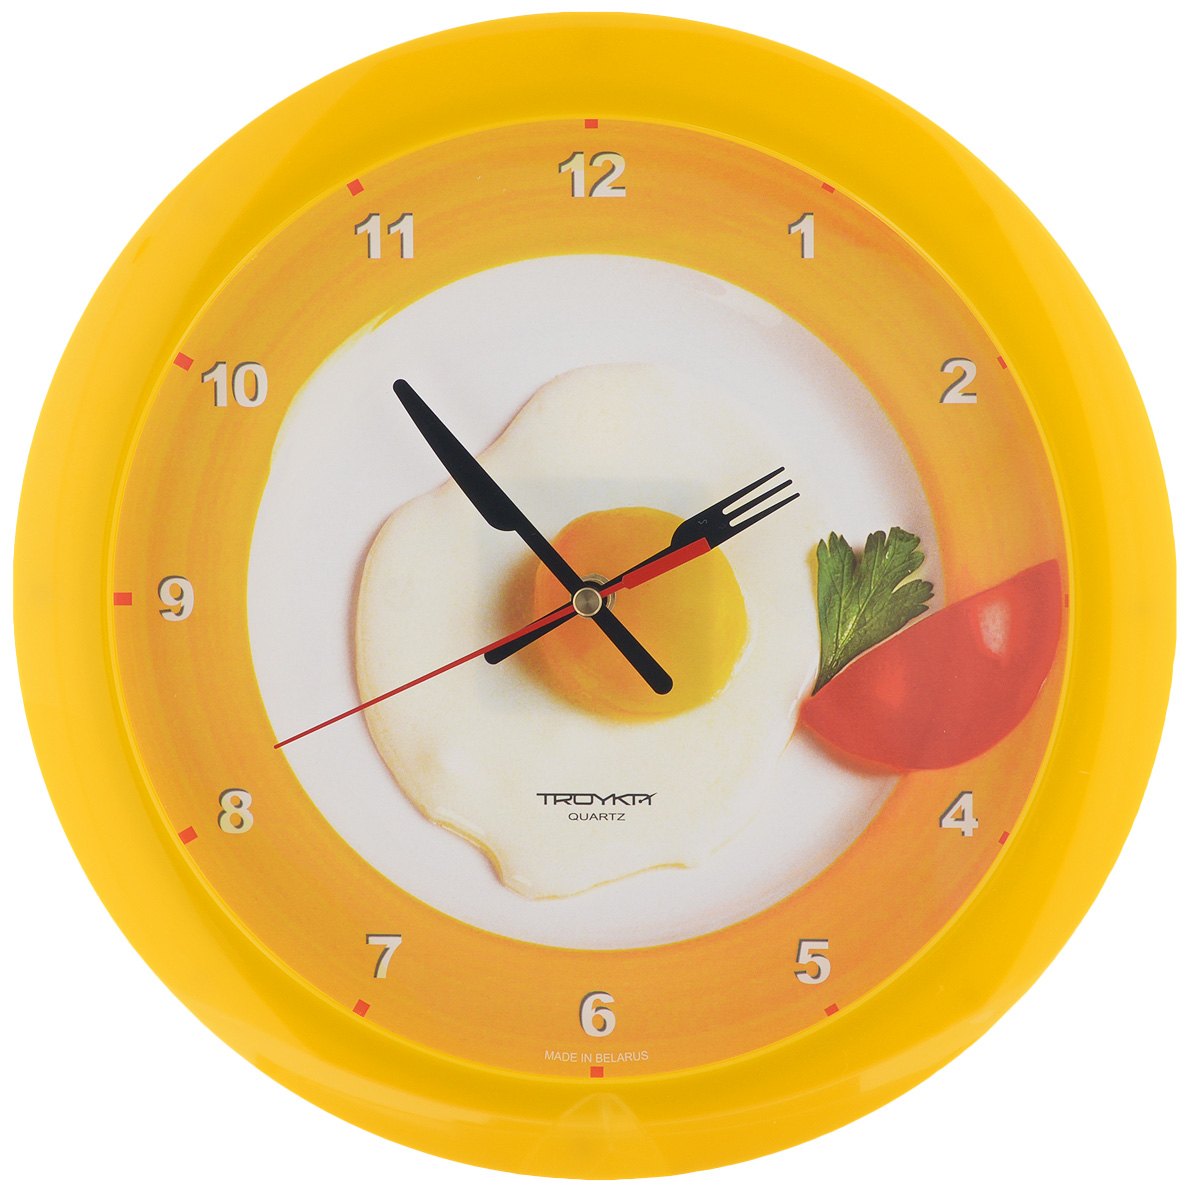 Часы настенные Troyka Яичница, цвет: белый, желтый. 11150178116-CLНастенные кварцевые часы Troyka Яичница, изготовленные из пластика, прекрасно подойдут под интерьер вашего дома. Круглые часы имеют три стрелки: часовую, минутную и секундную, циферблат украшен изображением яичницы и защищен прозрачным пластиком.Диаметр часов: 29 см.Часы работают от 1 батарейки типа АА напряжением 1,5 В (входит в комплект). Материал: пластик; размер: диаметр 290 мм; цвет: желтый